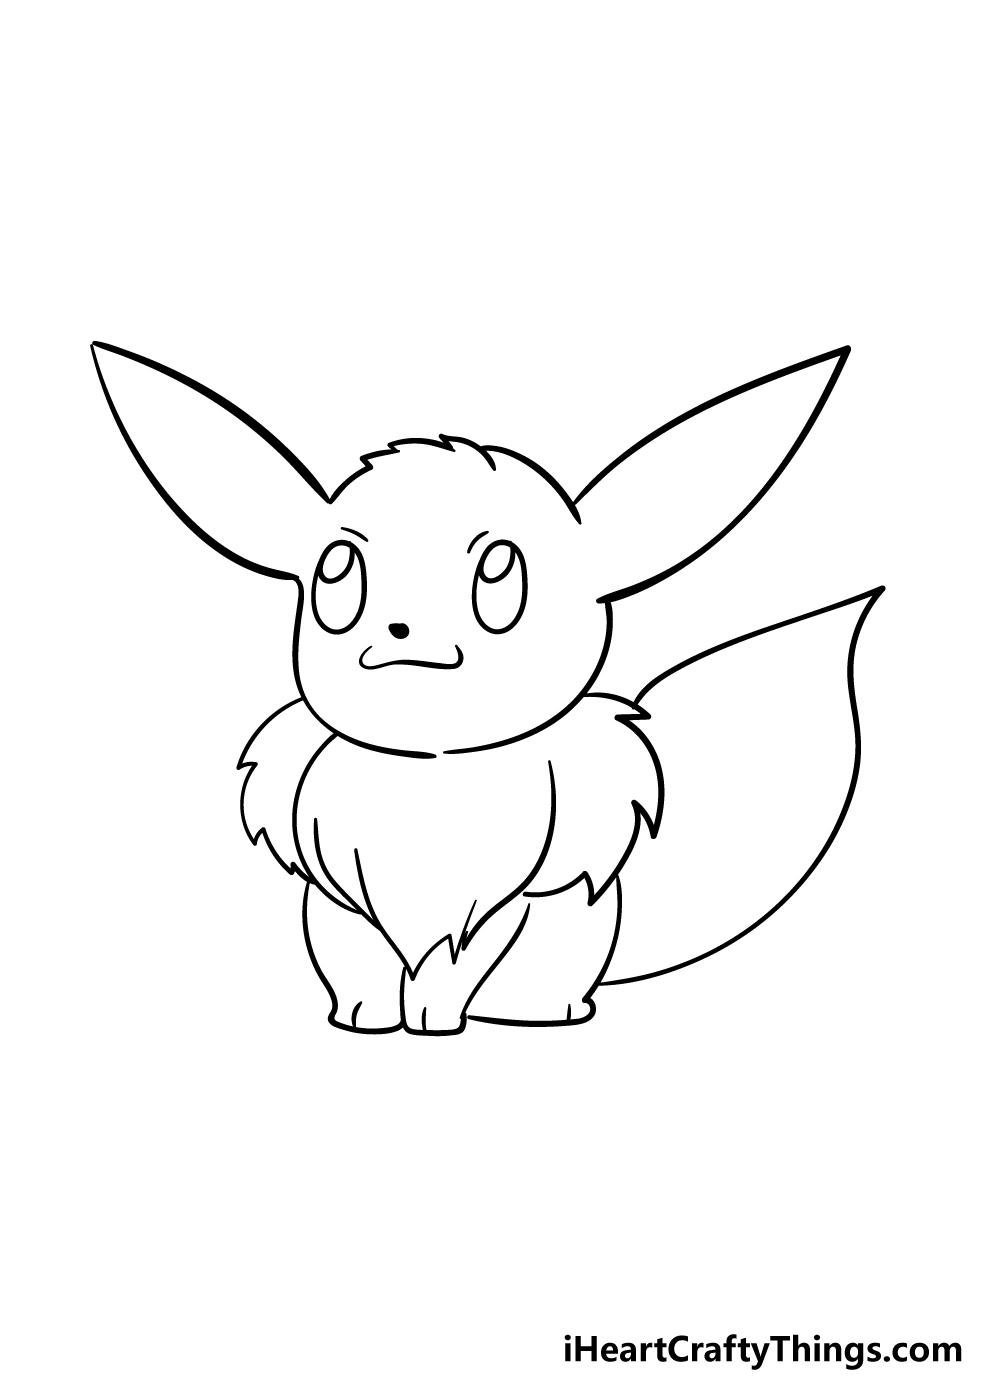 eevee drawing step 4